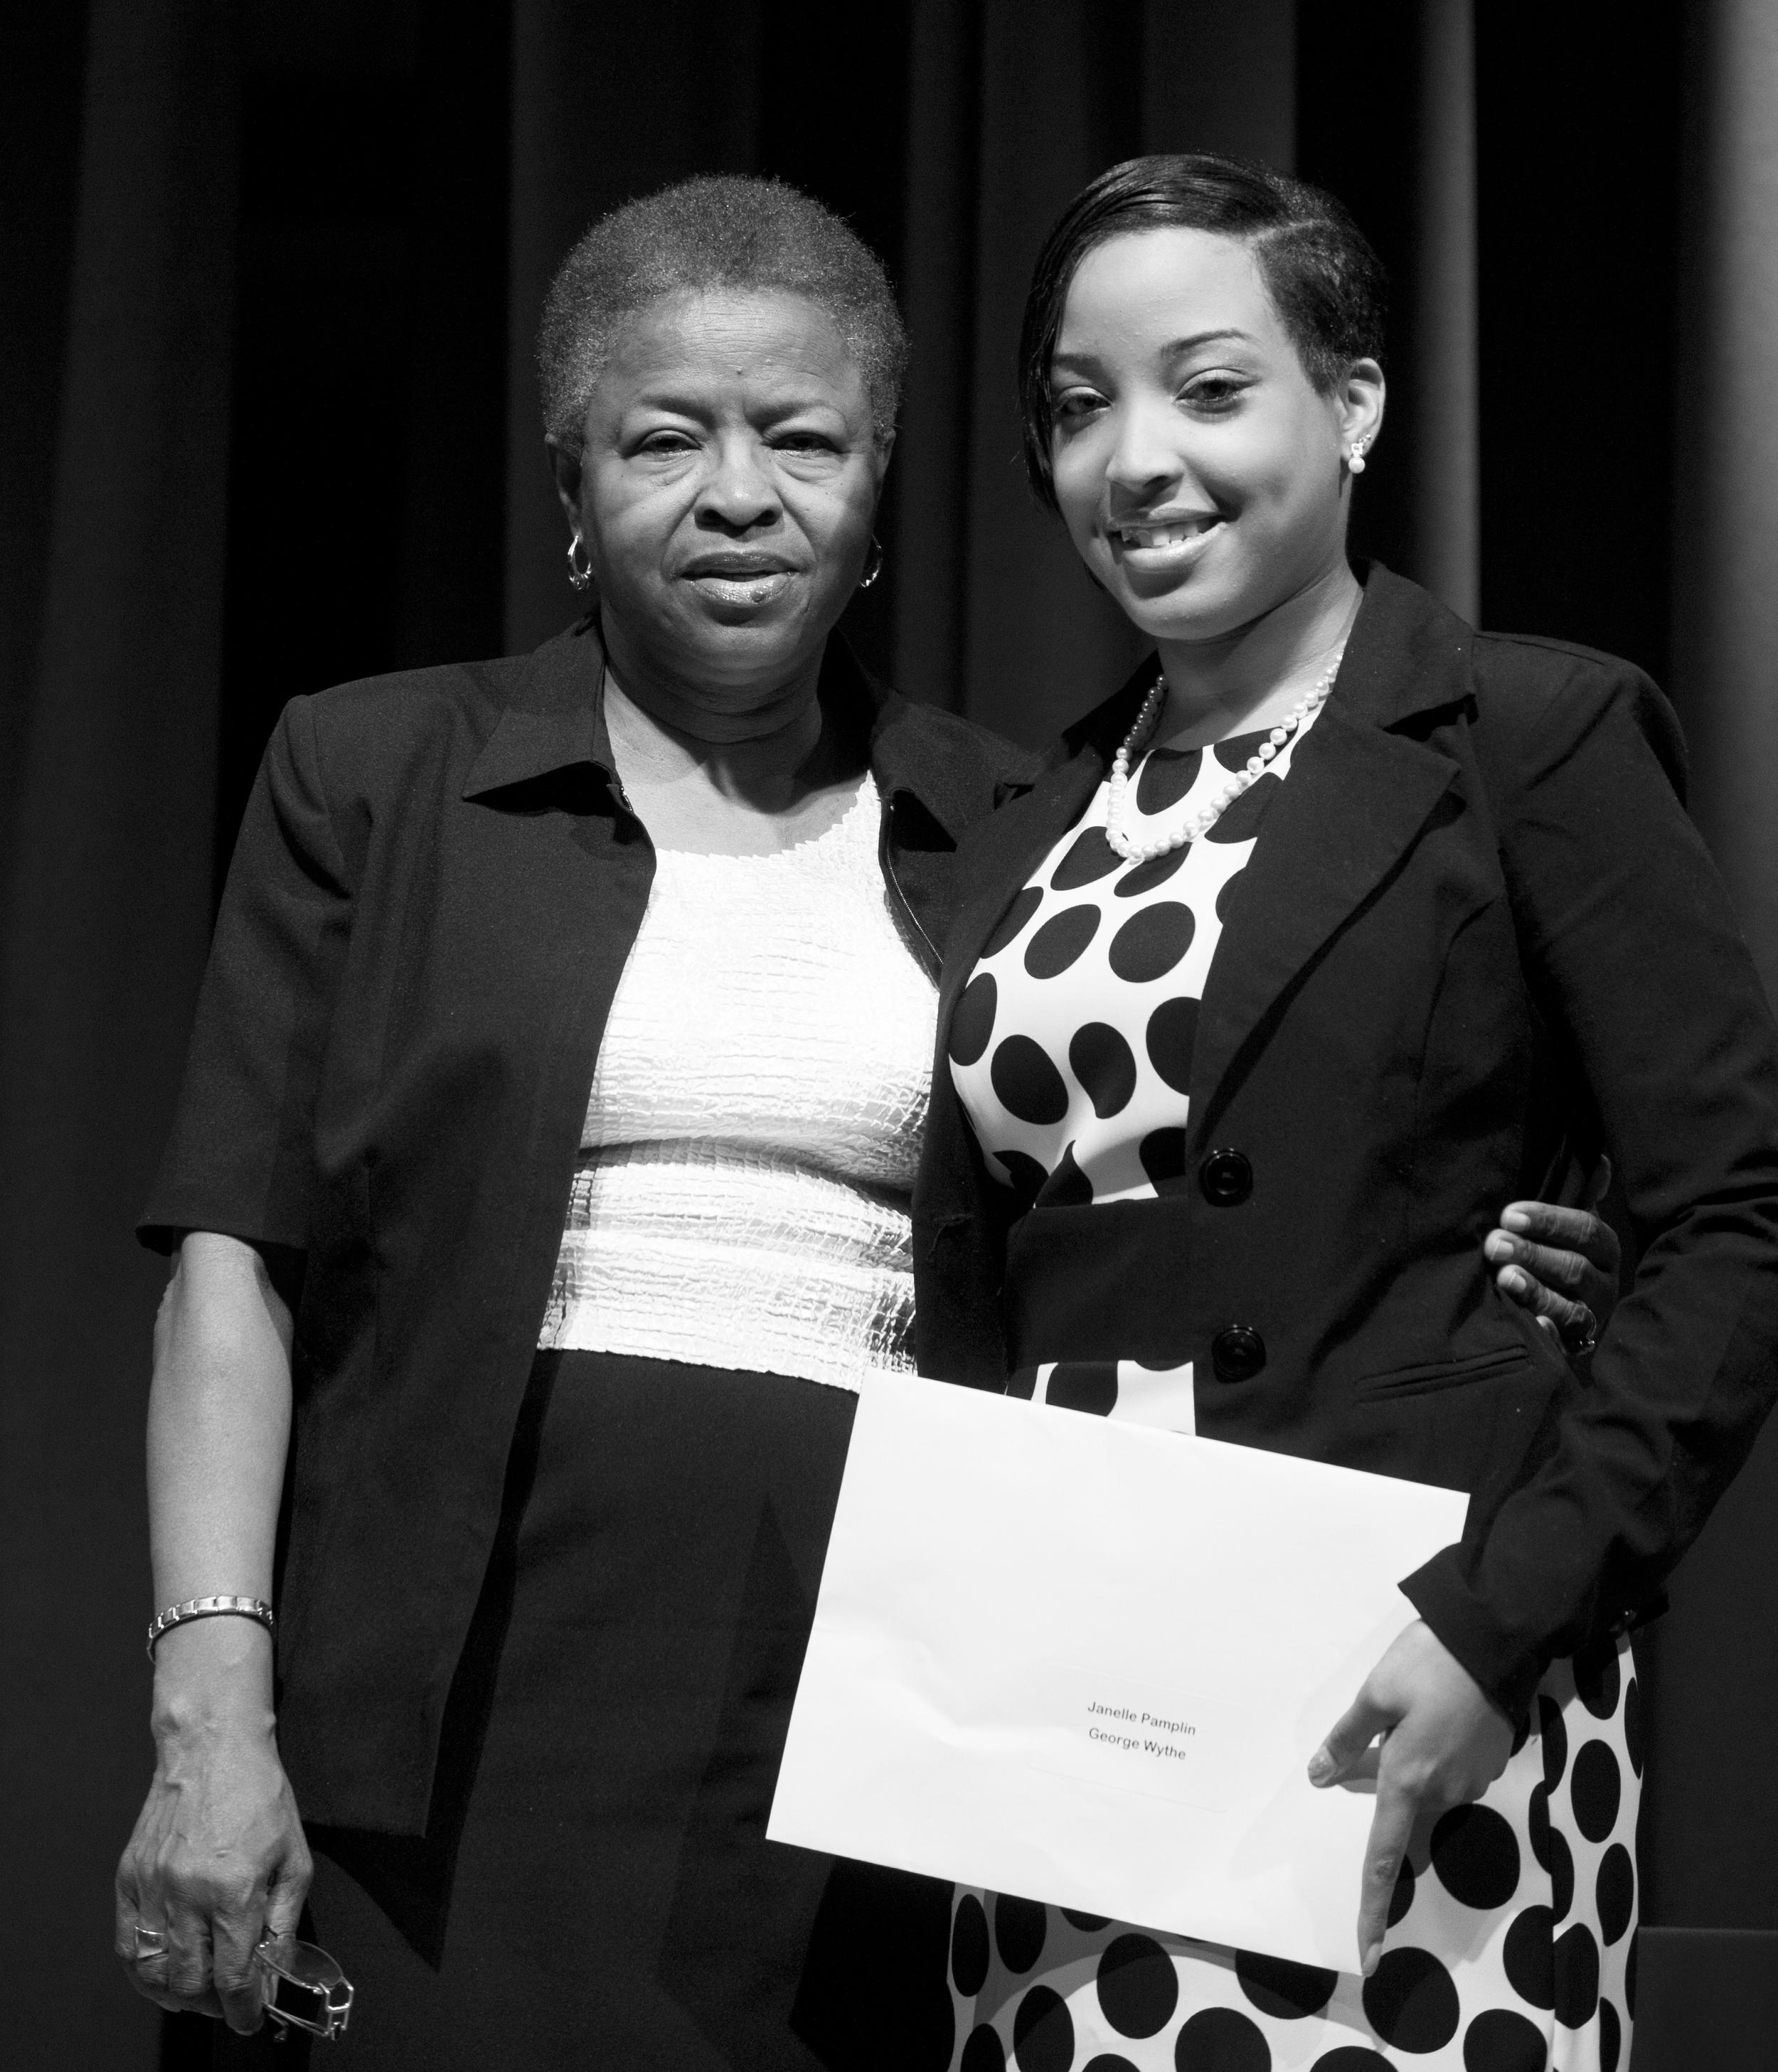 George Wythe 2012 scholarship winner, Janelle Pamplin, with her GRASP advisor, Phenie Golatt.